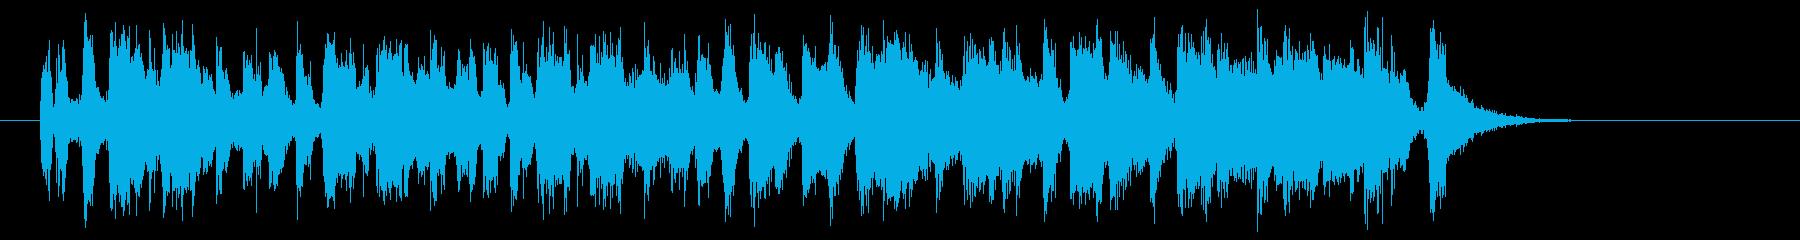 元気で明るいトランペットジングルの再生済みの波形